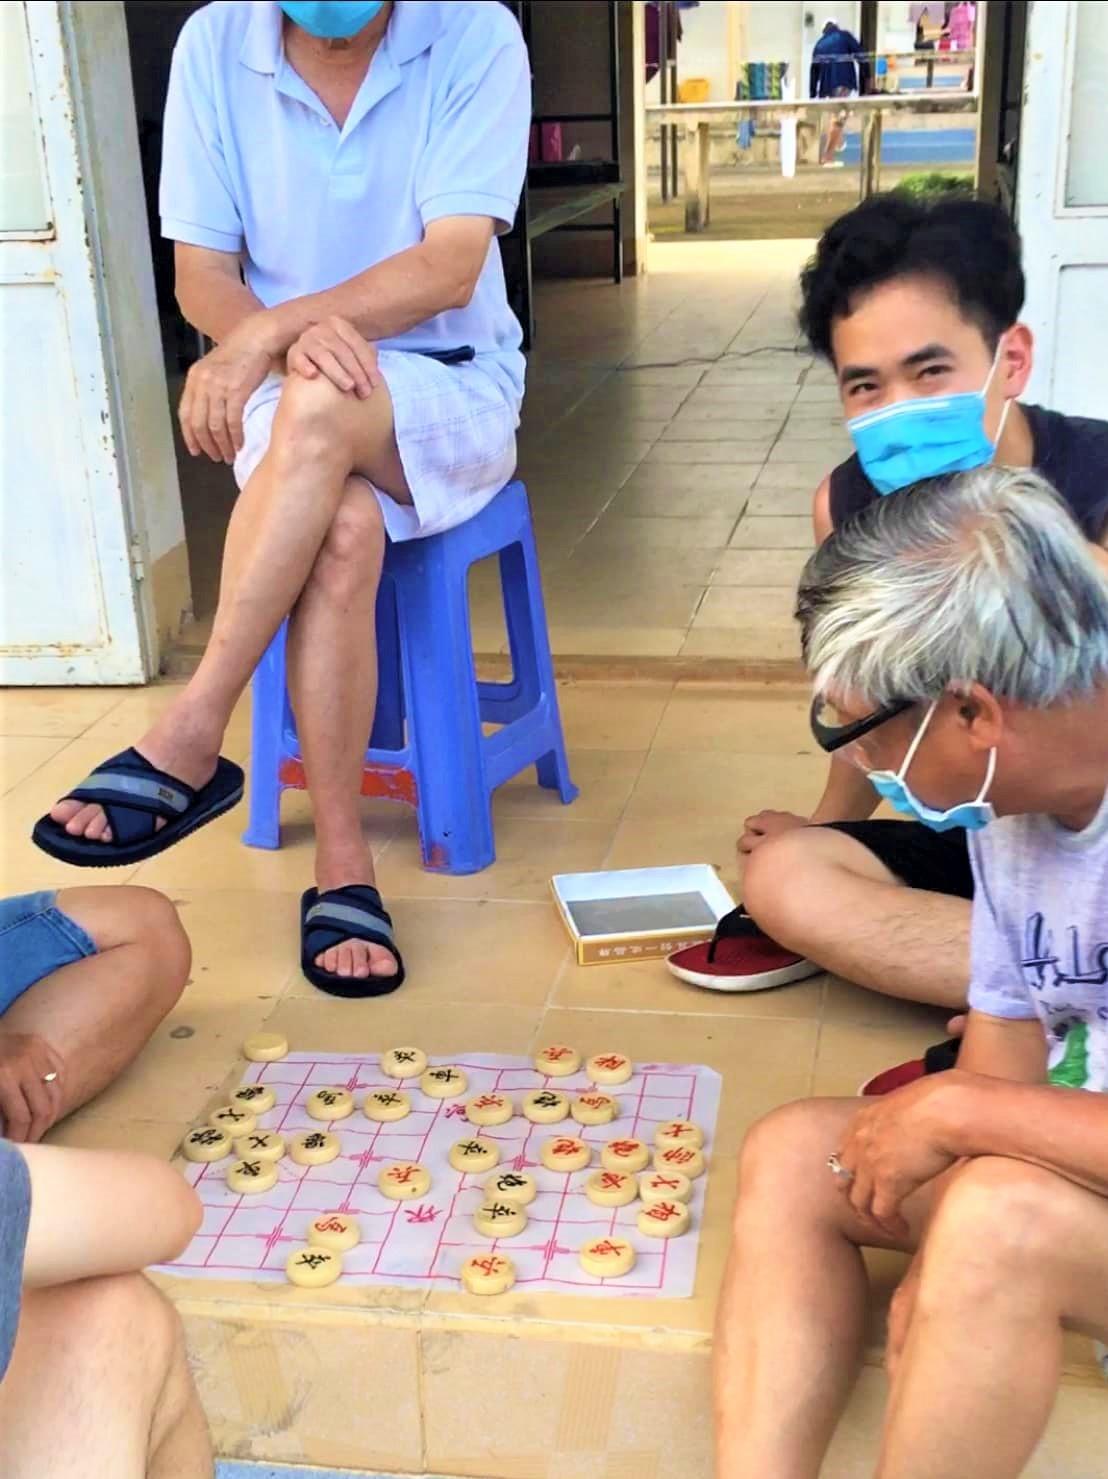 vietnam covid quarantine-life